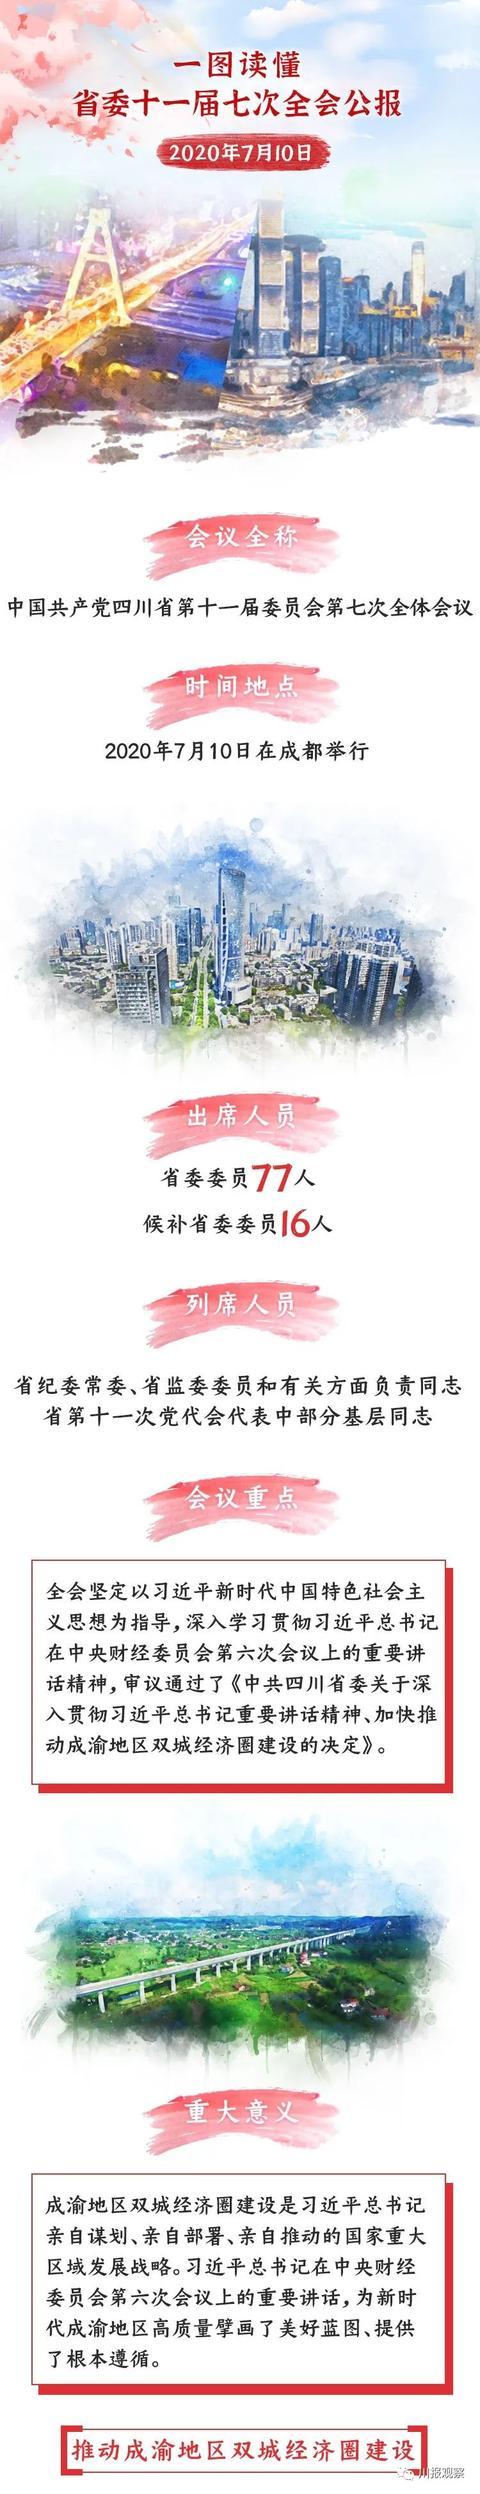 权威发布丨中共四川省委十一届七次全会公报